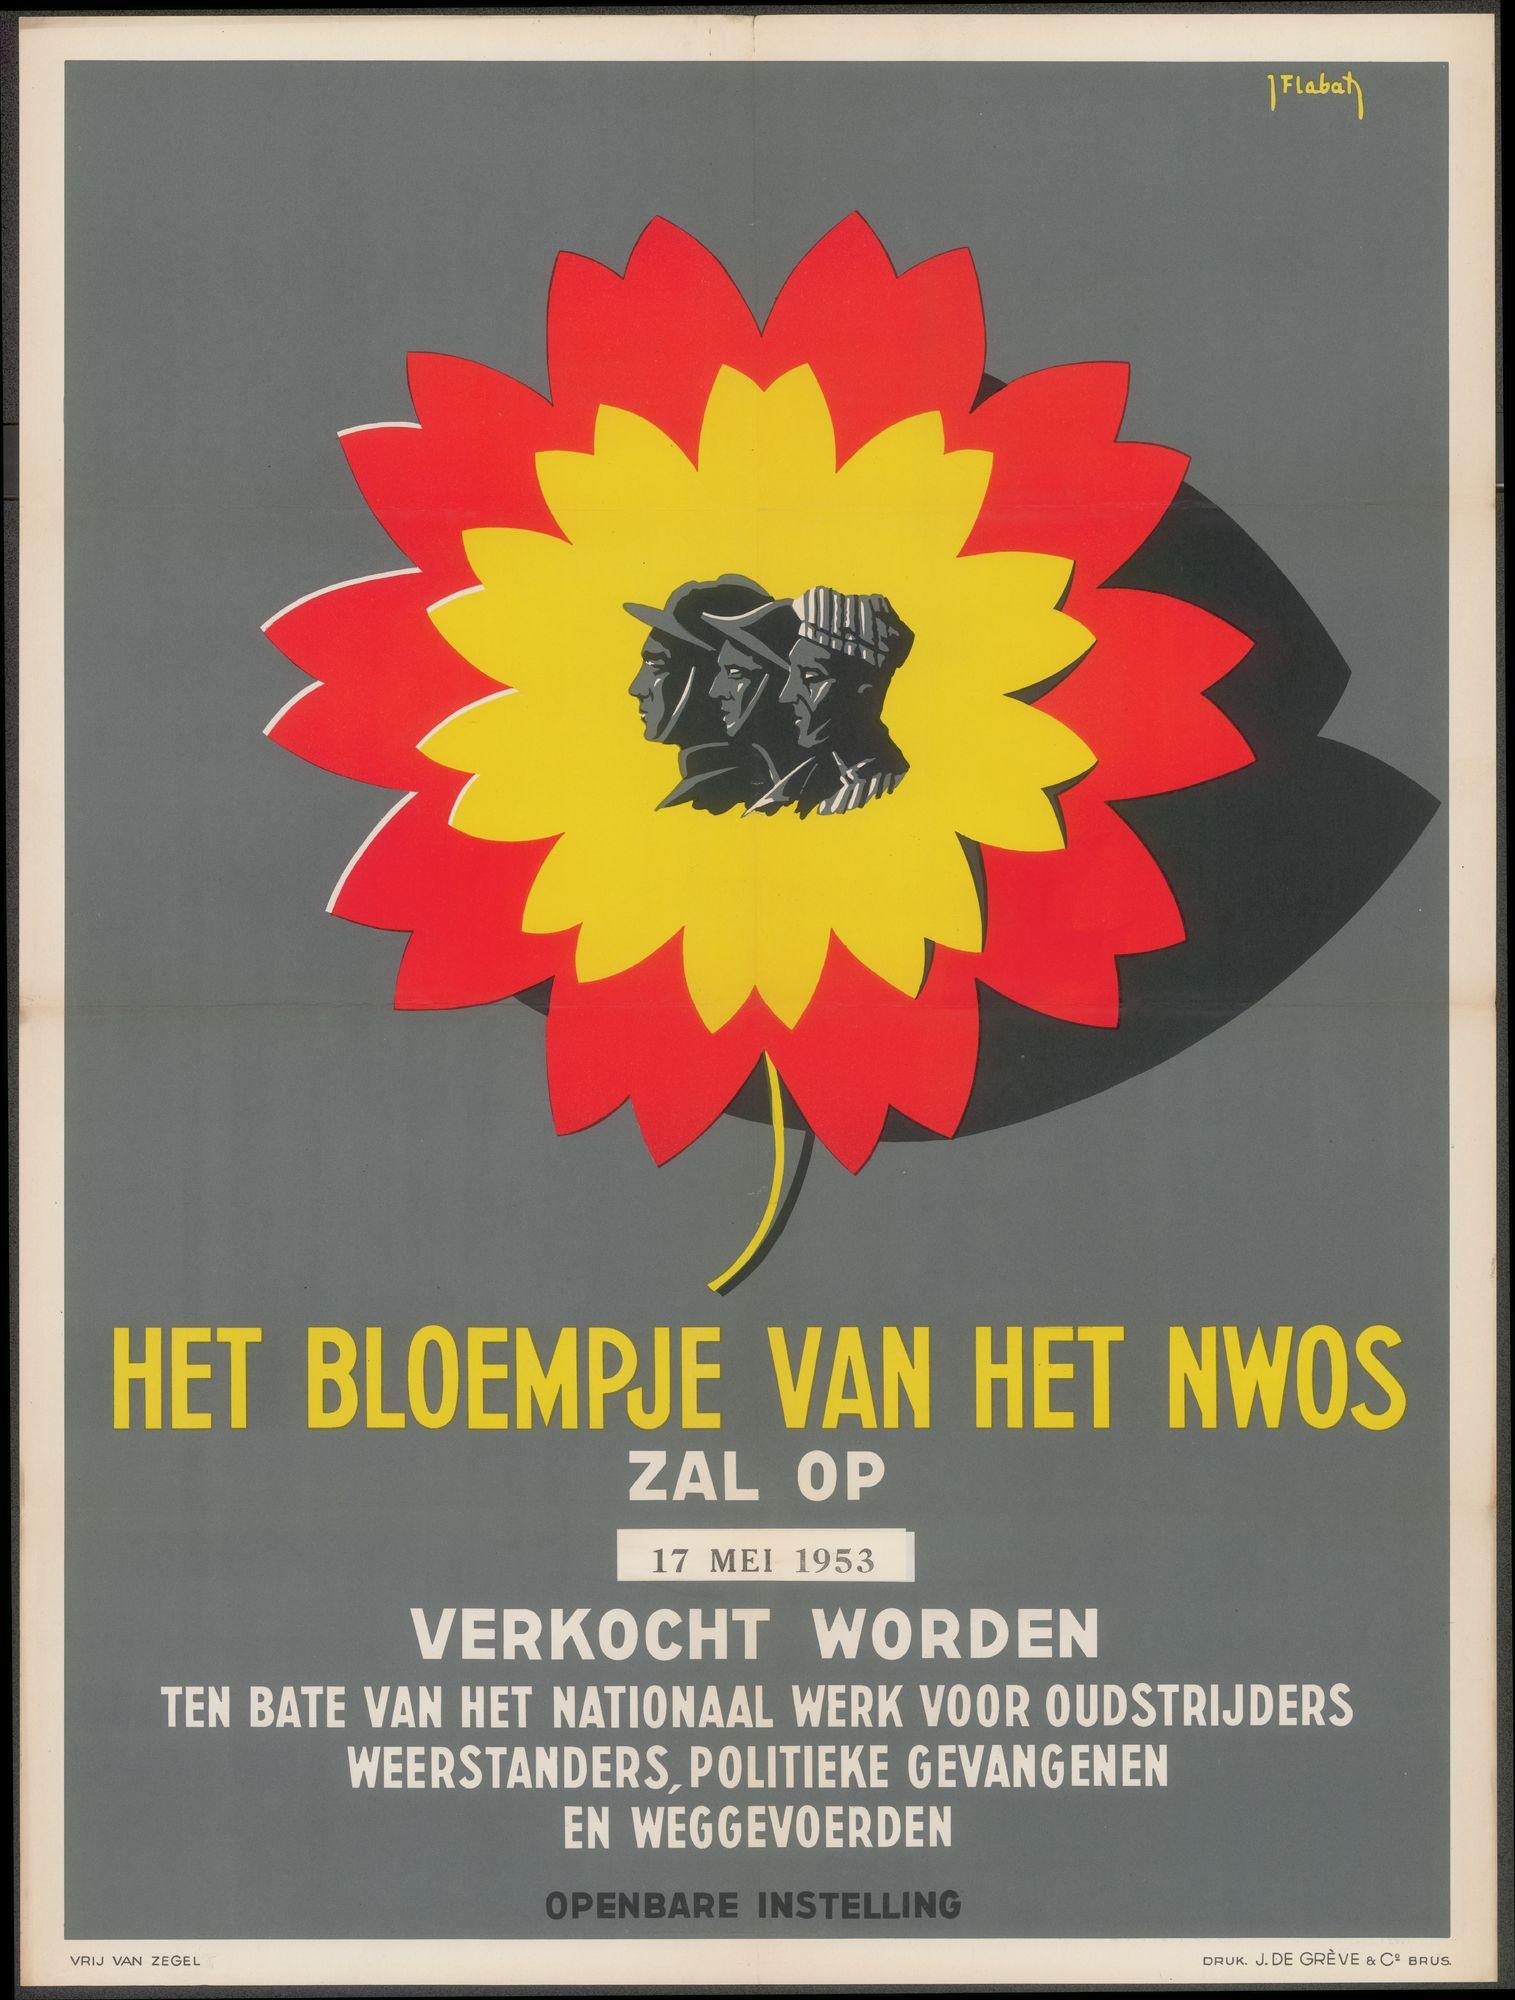 Het bloempje van het NWOS zal verkocht worden op 17 mei 1953